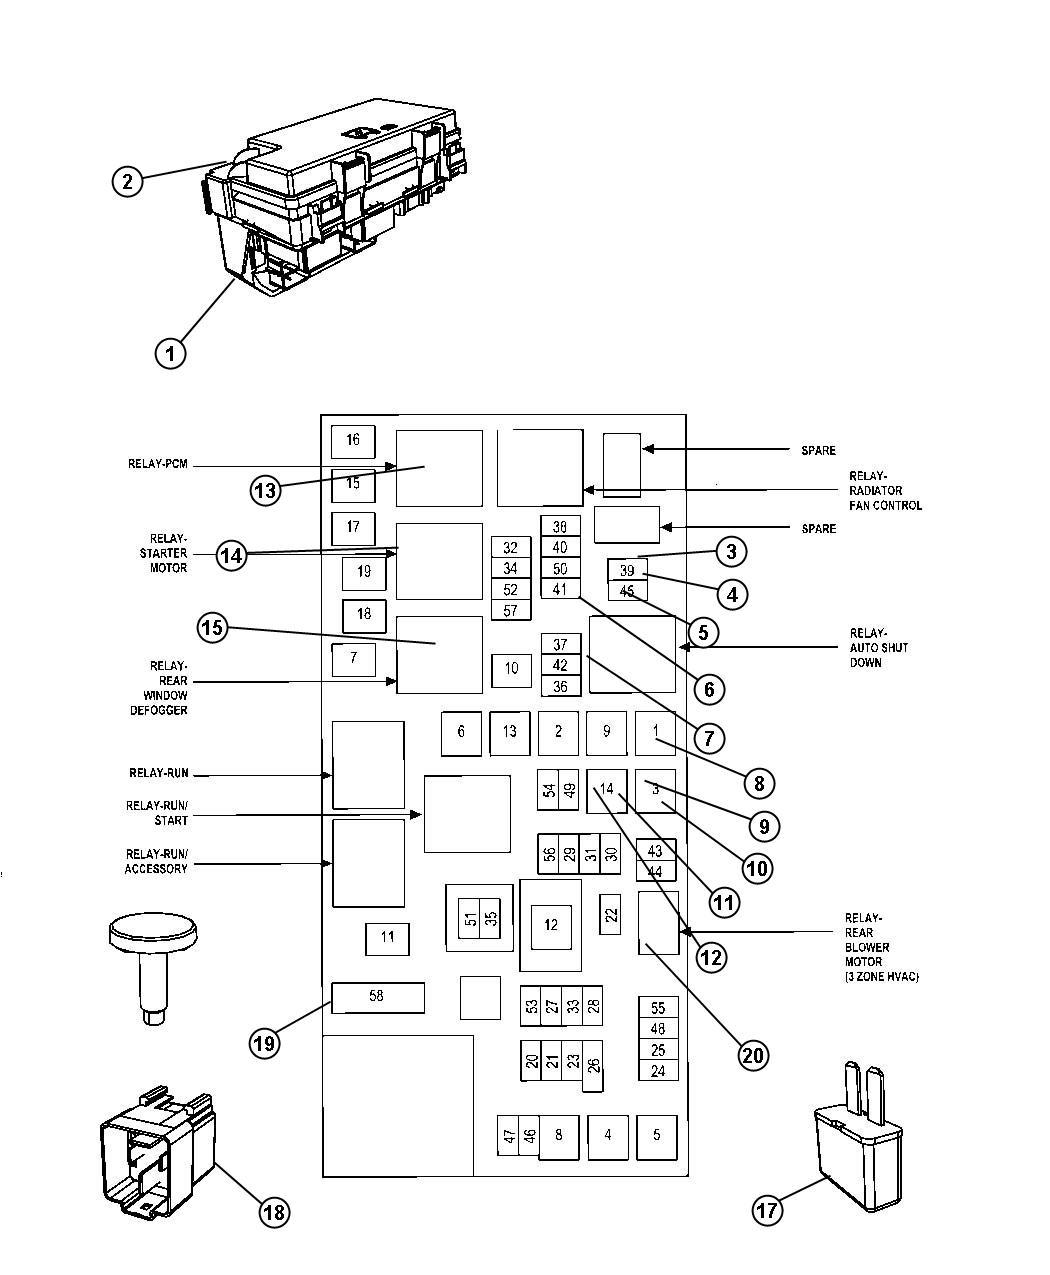 [SCHEMATICS_48DE]  WD_8465] 2000 Dodge Neon Horn Wiring Diagram Download Diagram | Dodge Neon Horn Wiring |  | Atolo Athid Nnigh Dimet Phae Mohammedshrine Librar Wiring 101